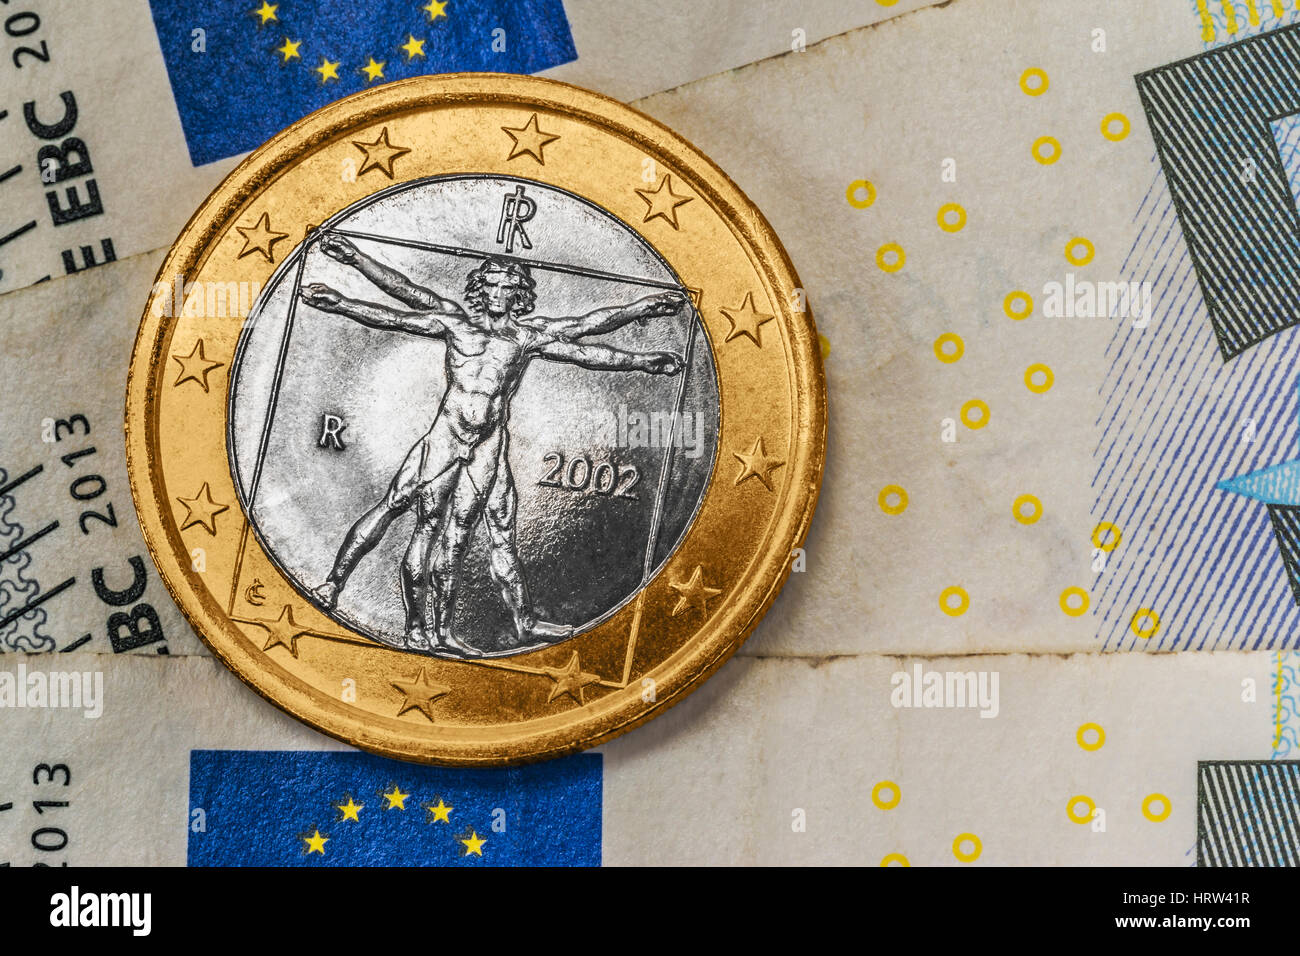 Eine 1 Euro Münze Aus Italien Auf Euro Banknoten Stockfoto Bild